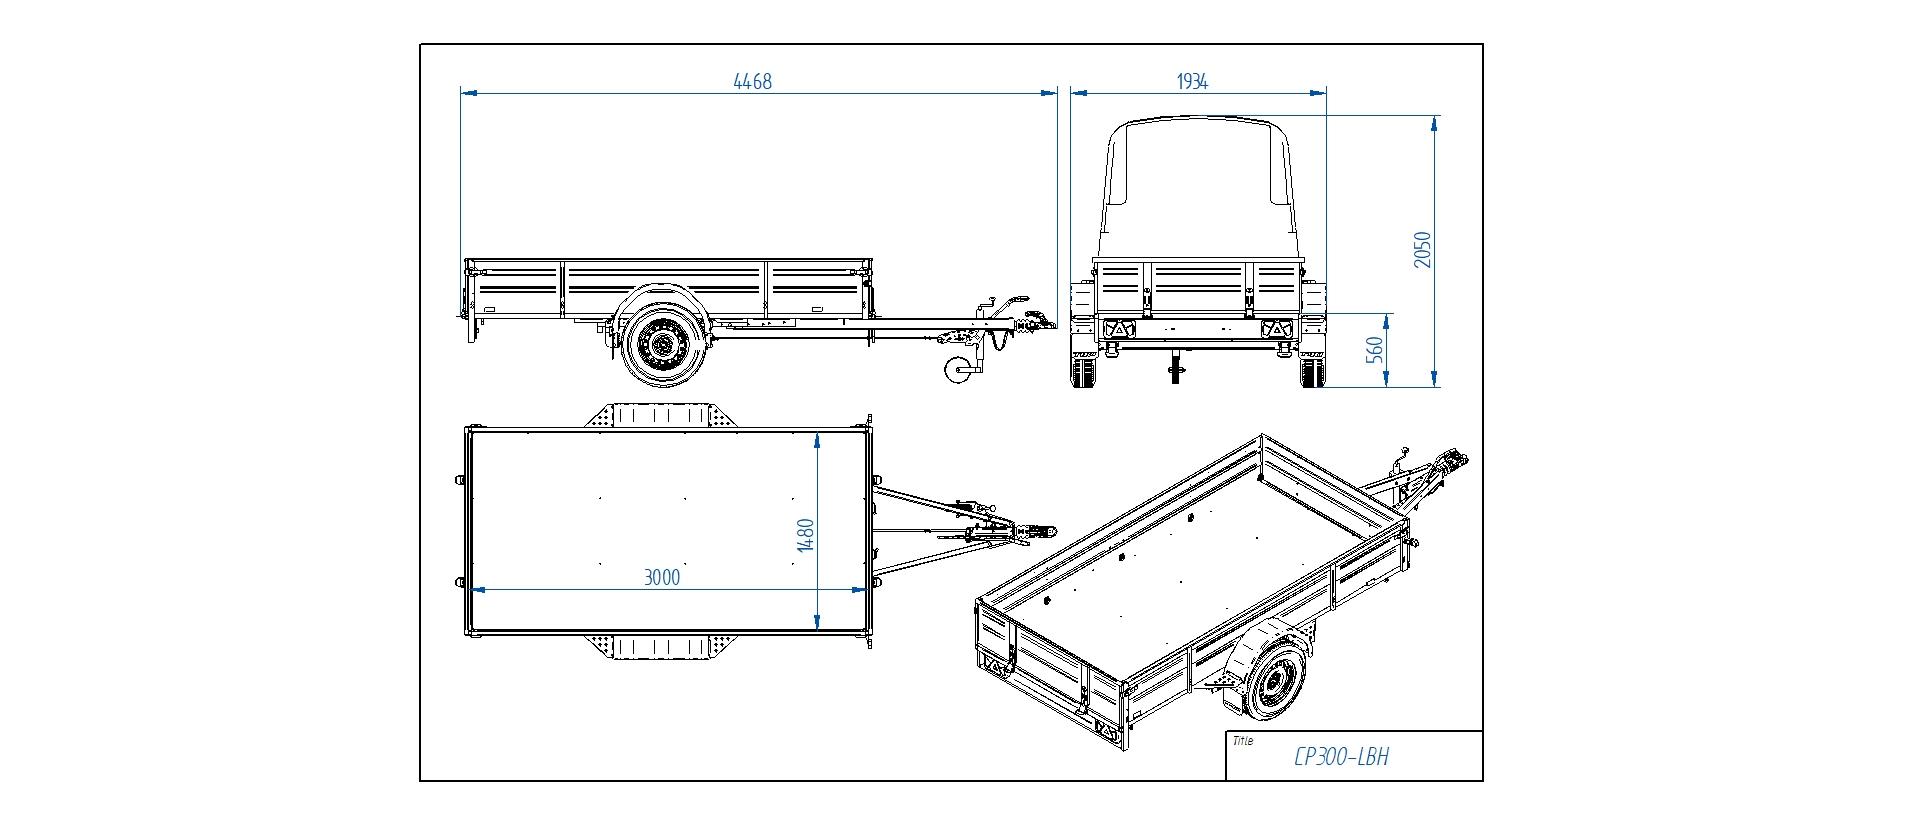 CP300-LBH  [Priekabų standartinė įranga gali skirtis nuo pavaizduotos komplektacijos paveiksliuke]